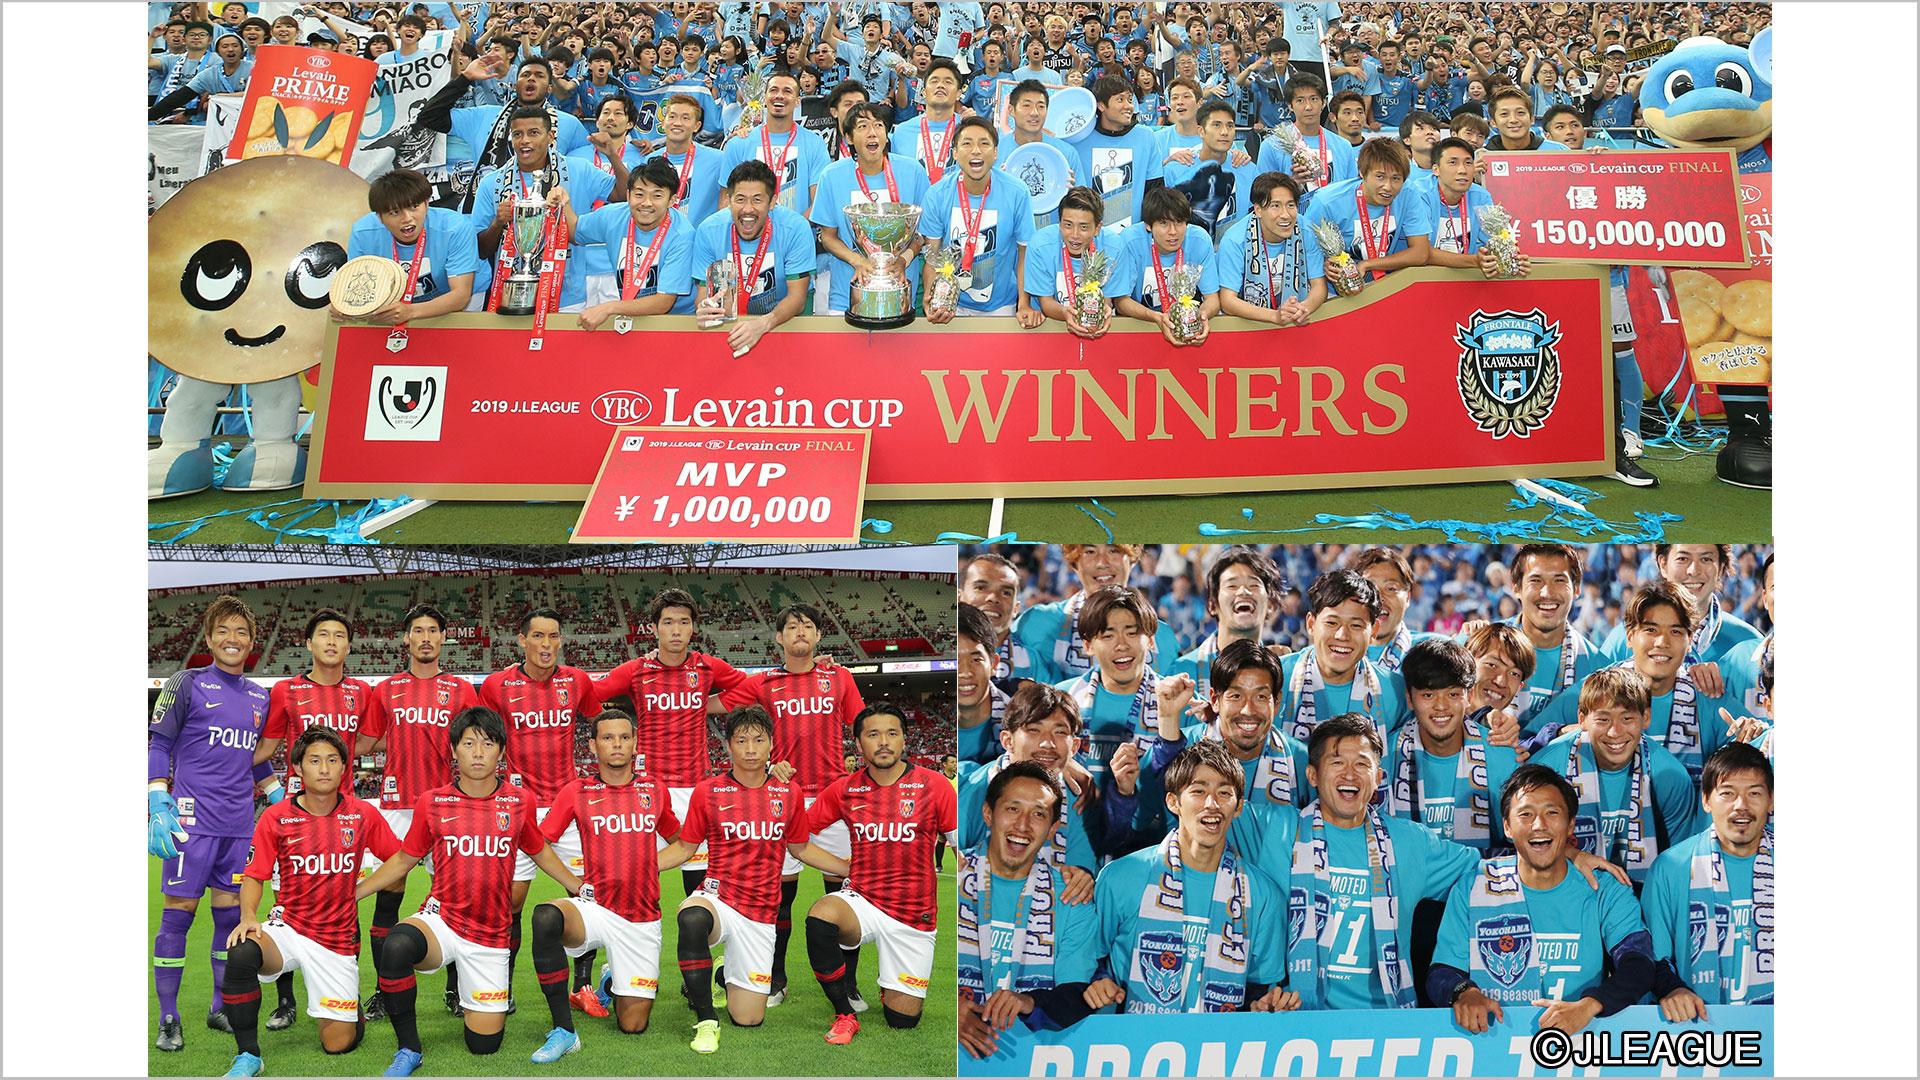 2020 JリーグYBCルヴァンカップ グループステージ 第2節 Aグループ 清水エスパルス vs 名古屋グランパス